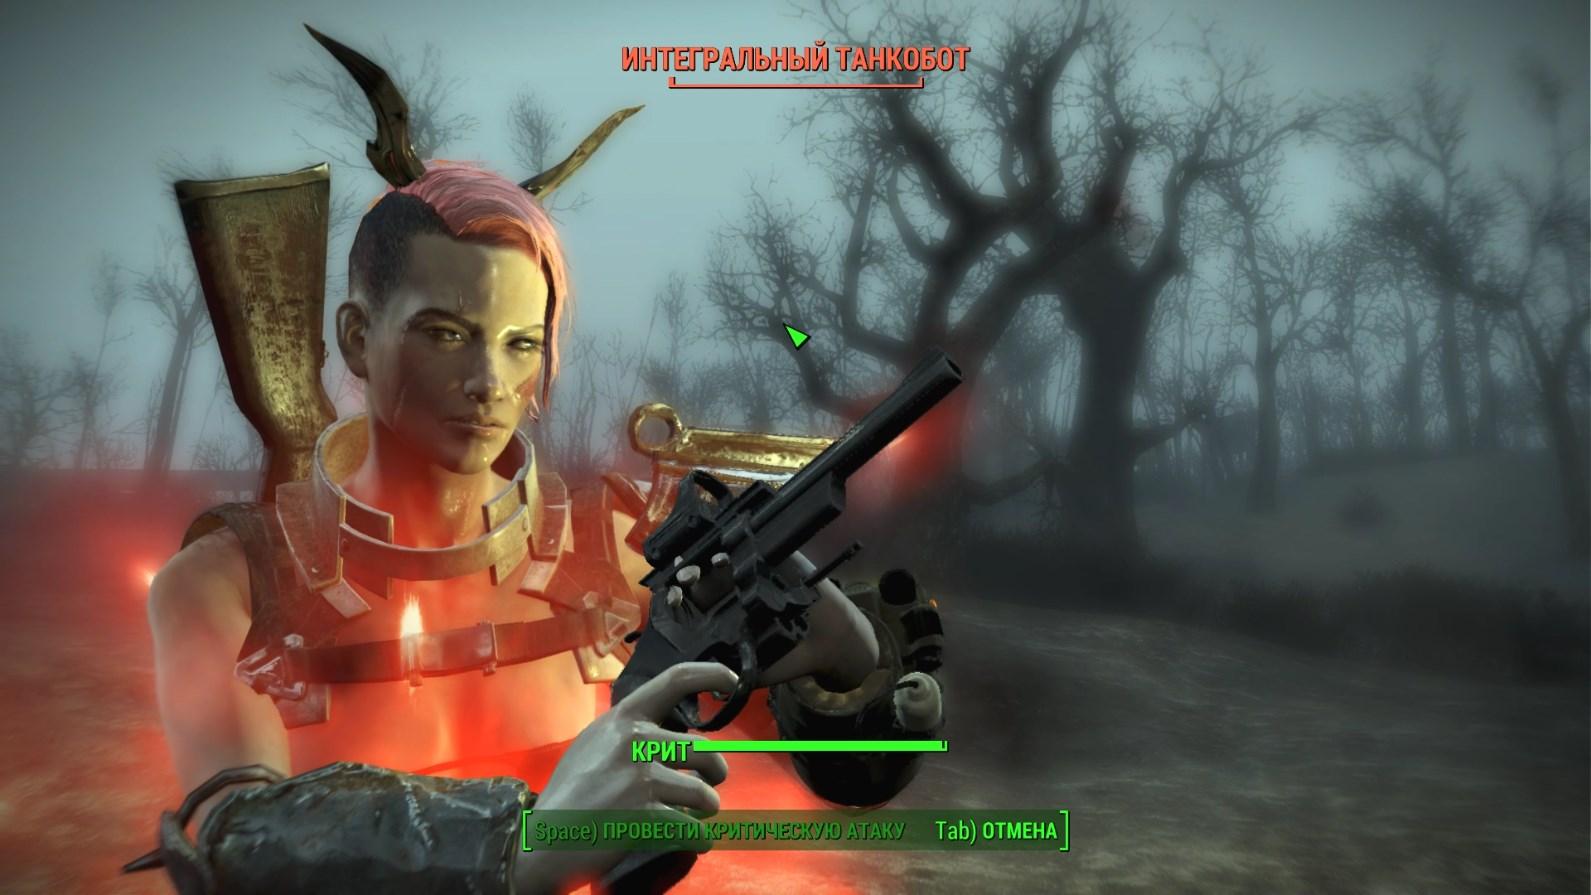 Fallout 4 06.14.2018 - 16.33.32.07.mp4_snapshot_00.22_[2018.06.14_21.49.36].jpg - Fallout 4